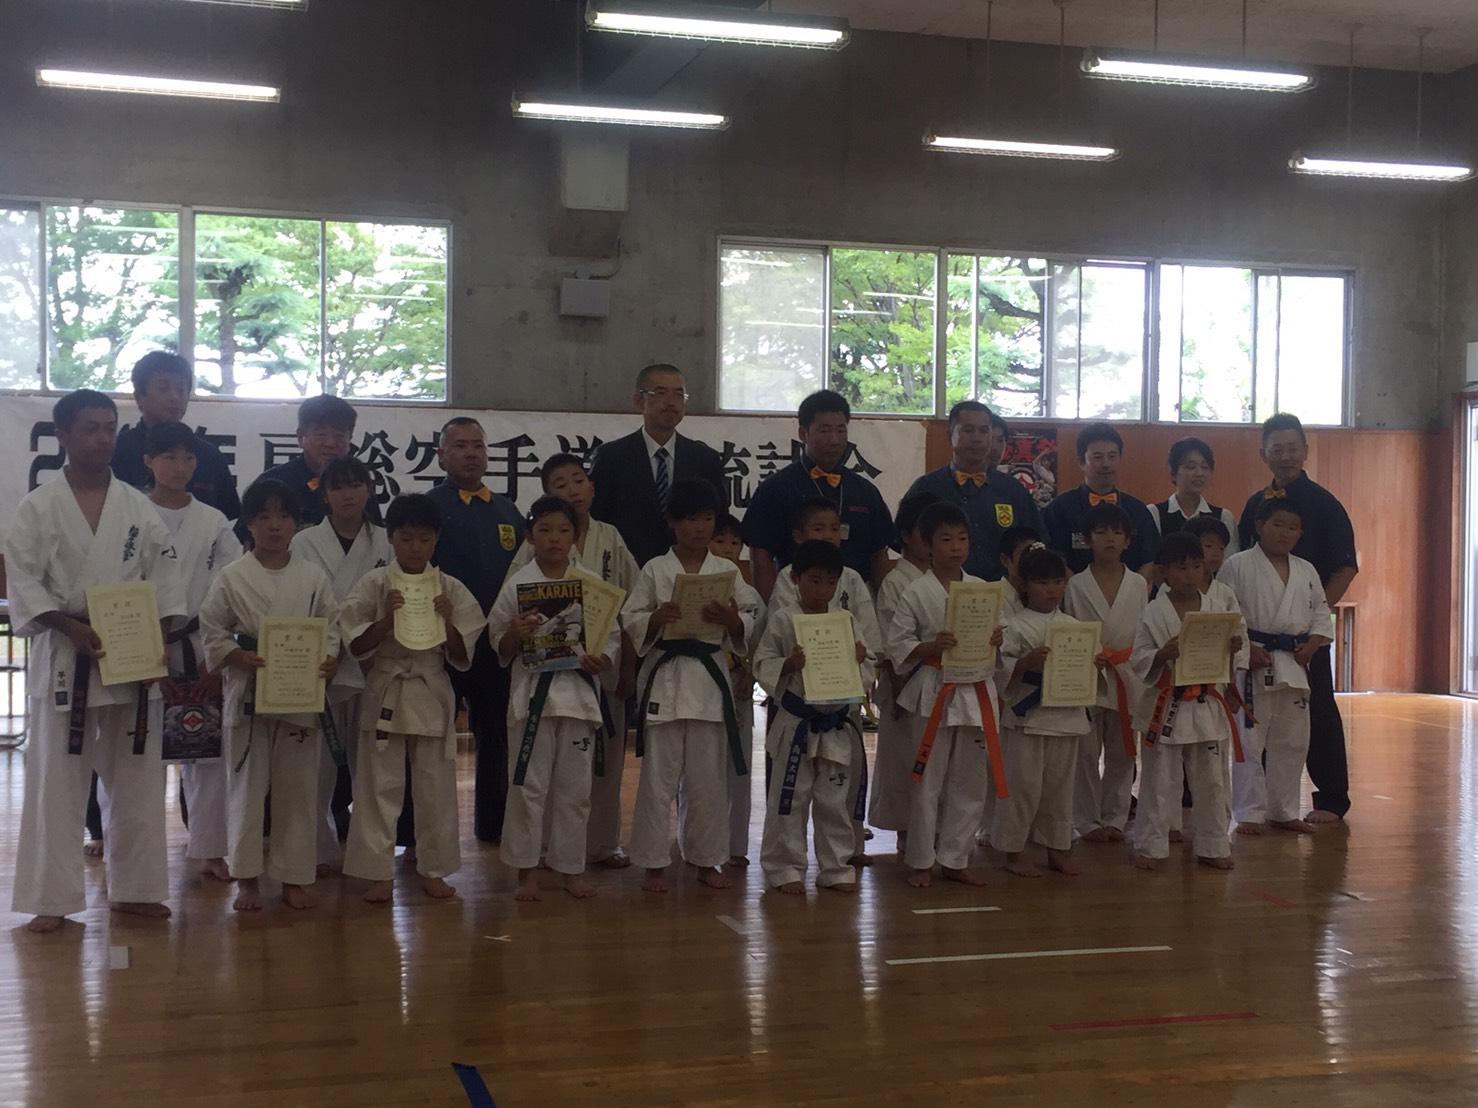 http://www.kyokushin-chibaminami.com/images/1470147269026.jpg